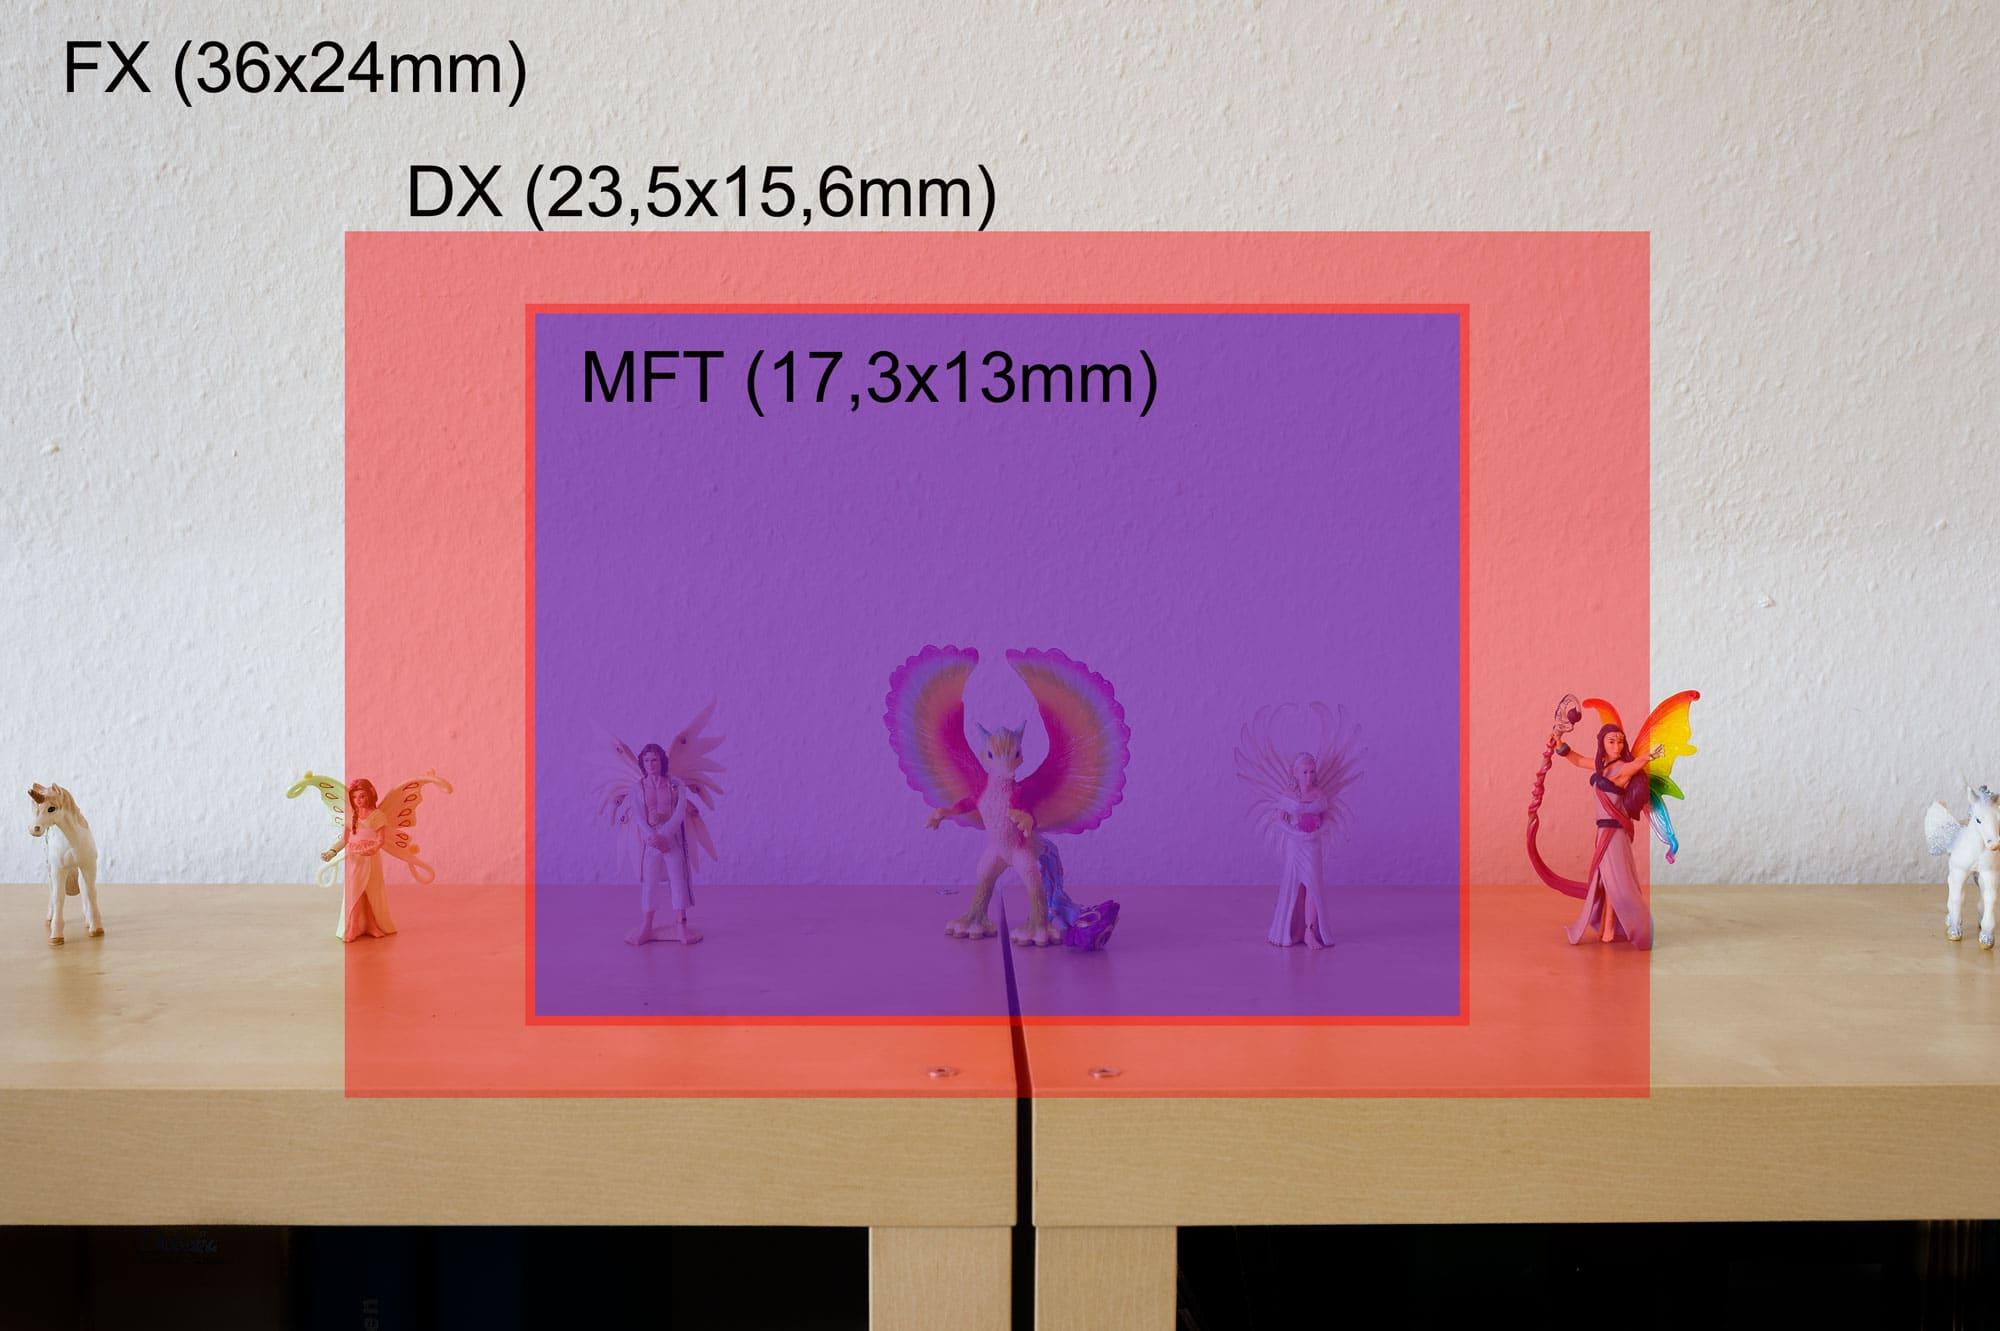 Sensor Größen Vergleich FX/DX/MFT, (Foto copyright - Frank Weber - Berlin - fotologbuch.de)